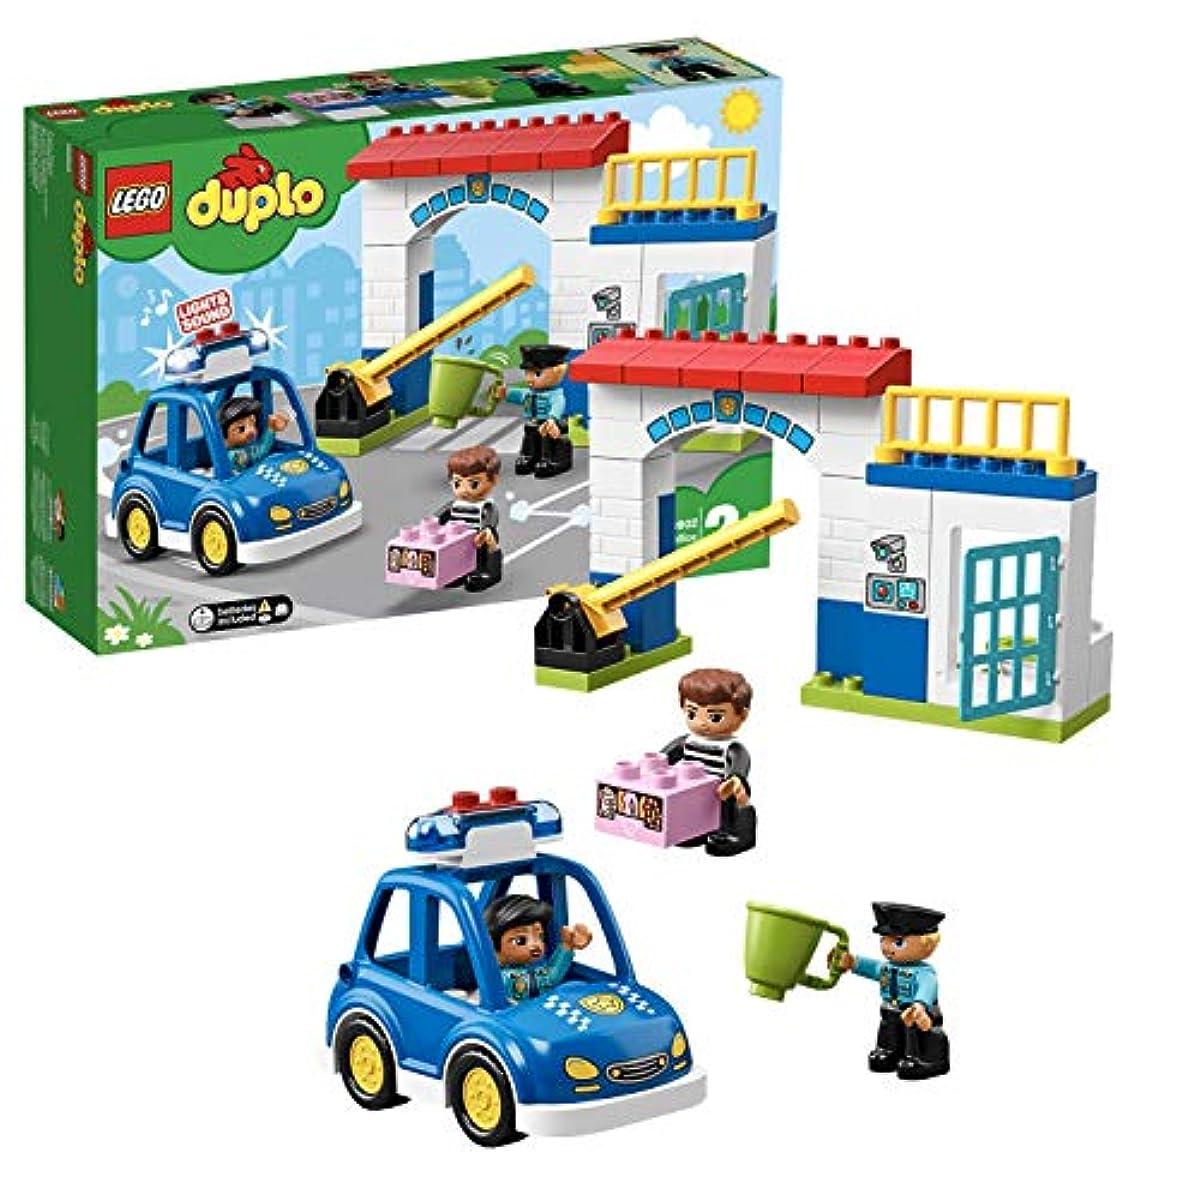 [해외] 레고(LEGO) 듀플로 빛난! 울린! 폴리스 카와 폴리스 스테이션 10902 교육 완구 블럭 장난감 사내 아이